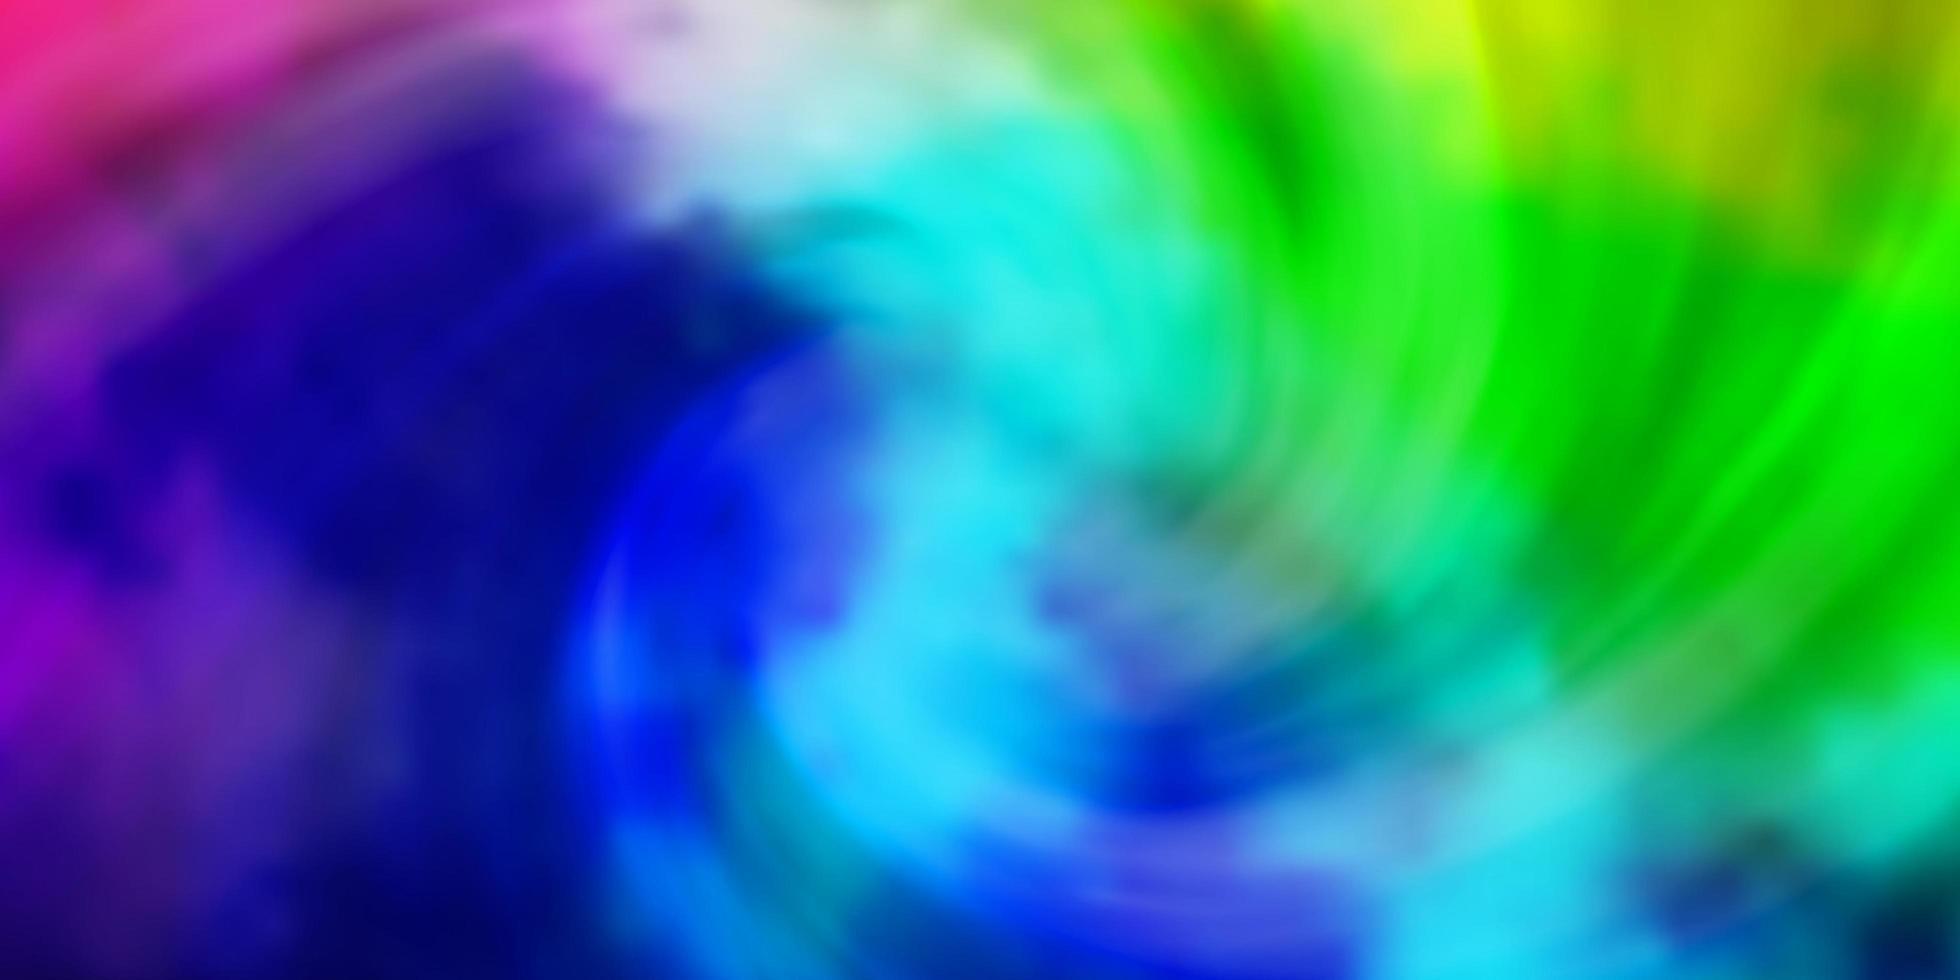 ljus flerfärgad vektorlayout med molnlandskap. vektor